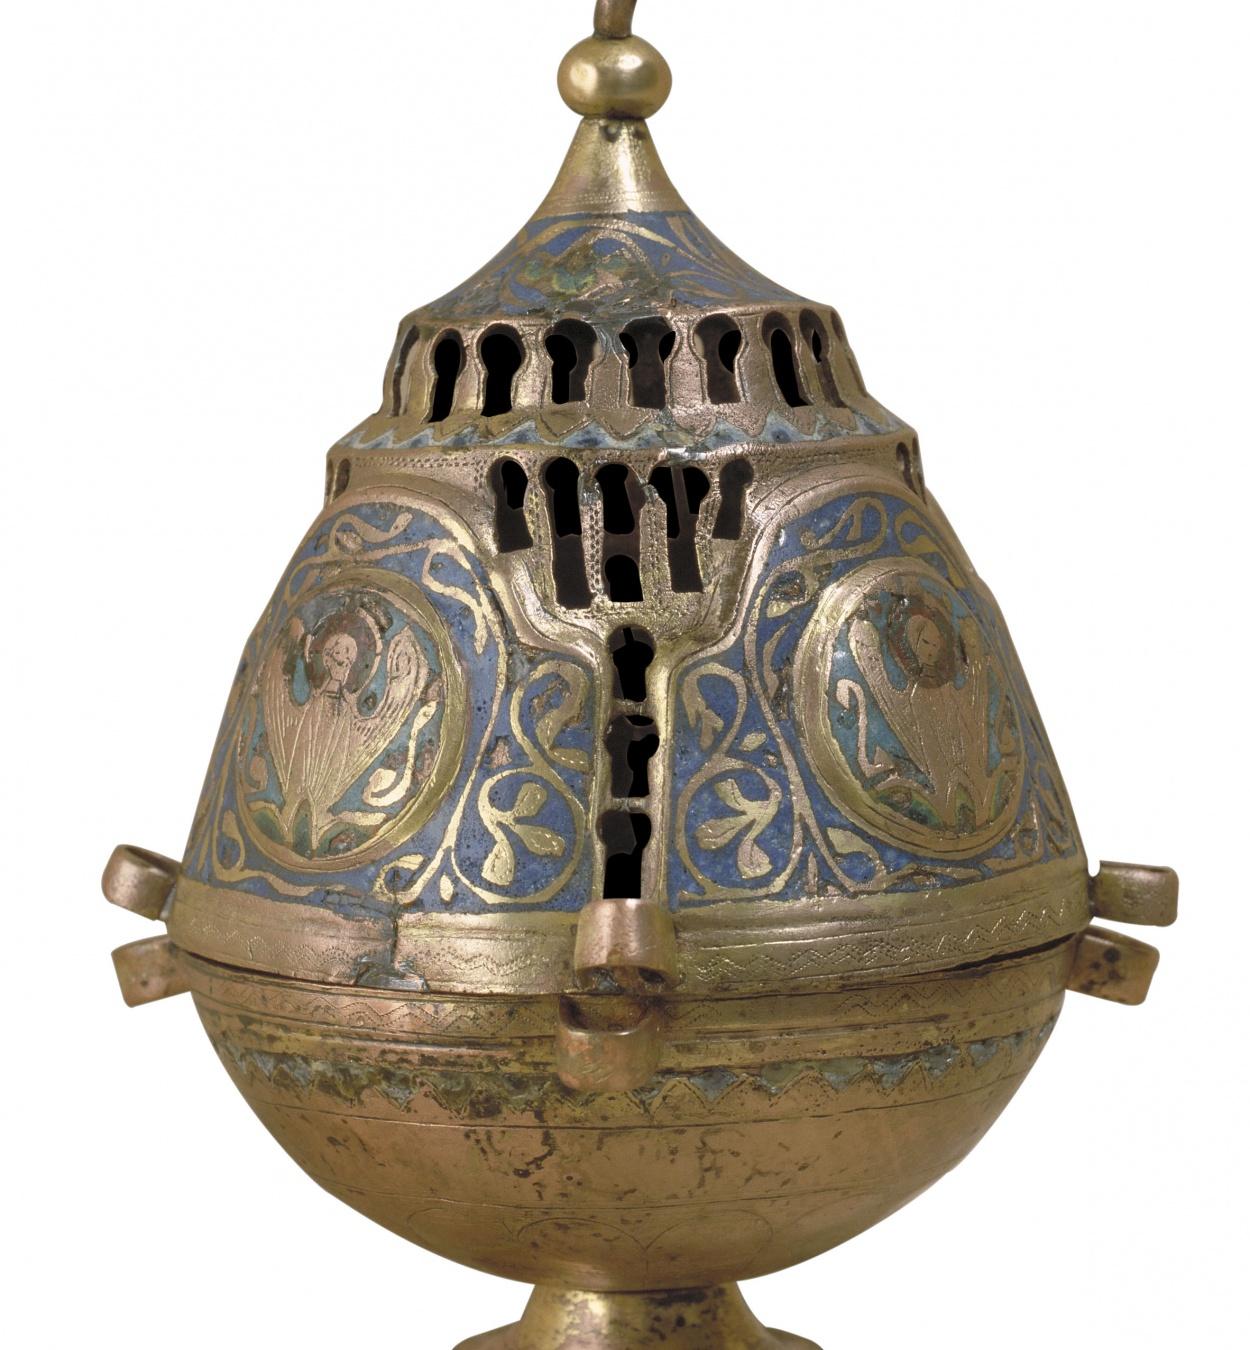 Anònim - Encenser - Llemotges, segona meitat del segle XIII